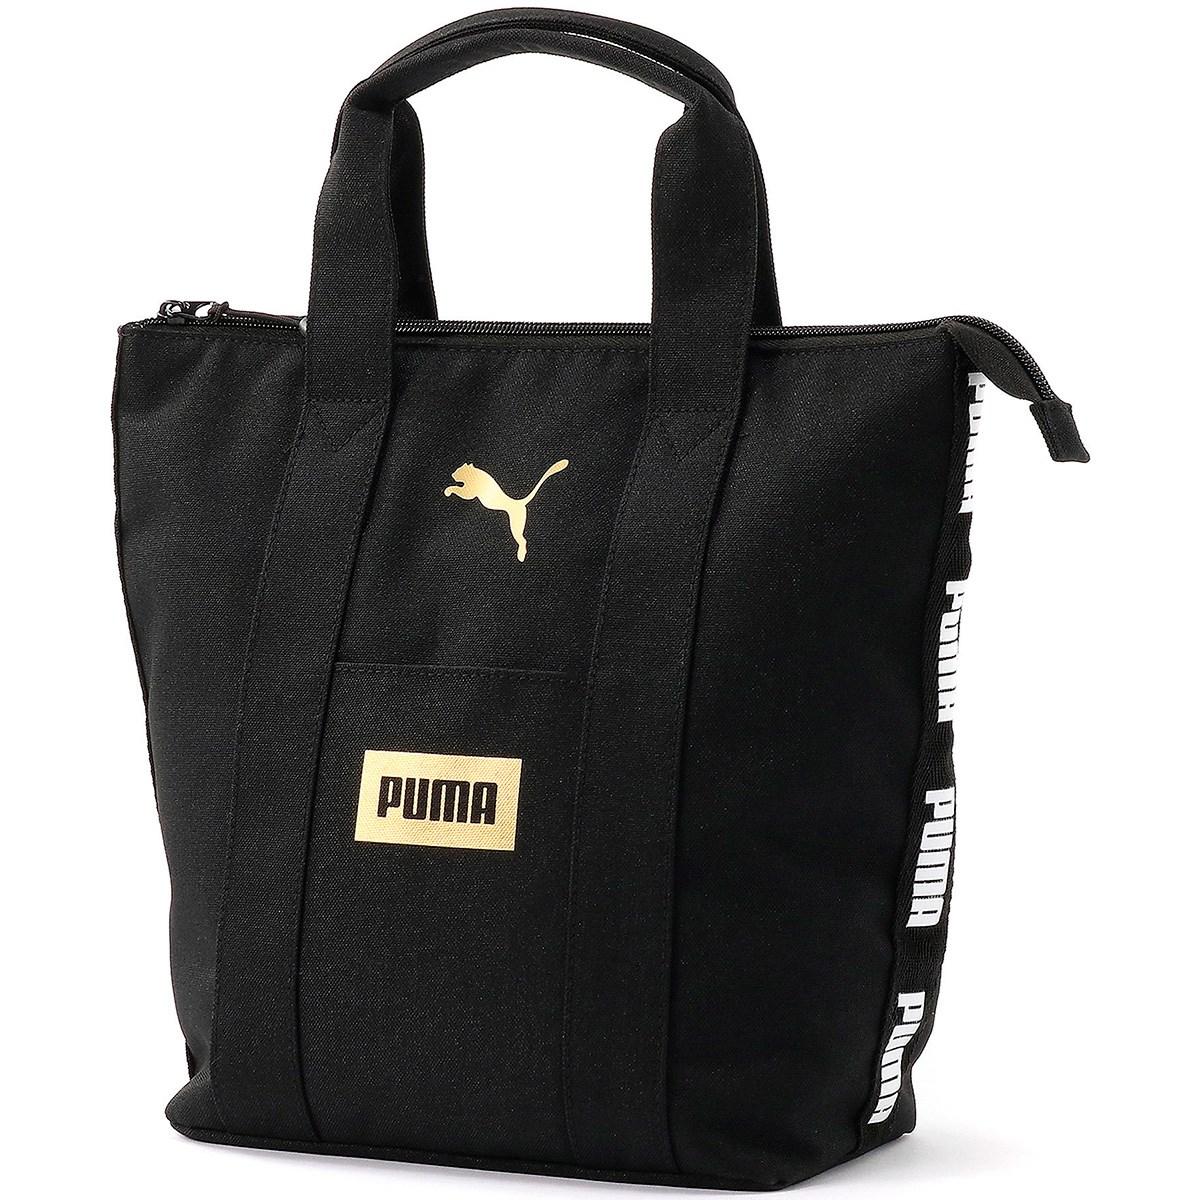 プーマ(PUMA) レベル クーラー ラウンドバッグ